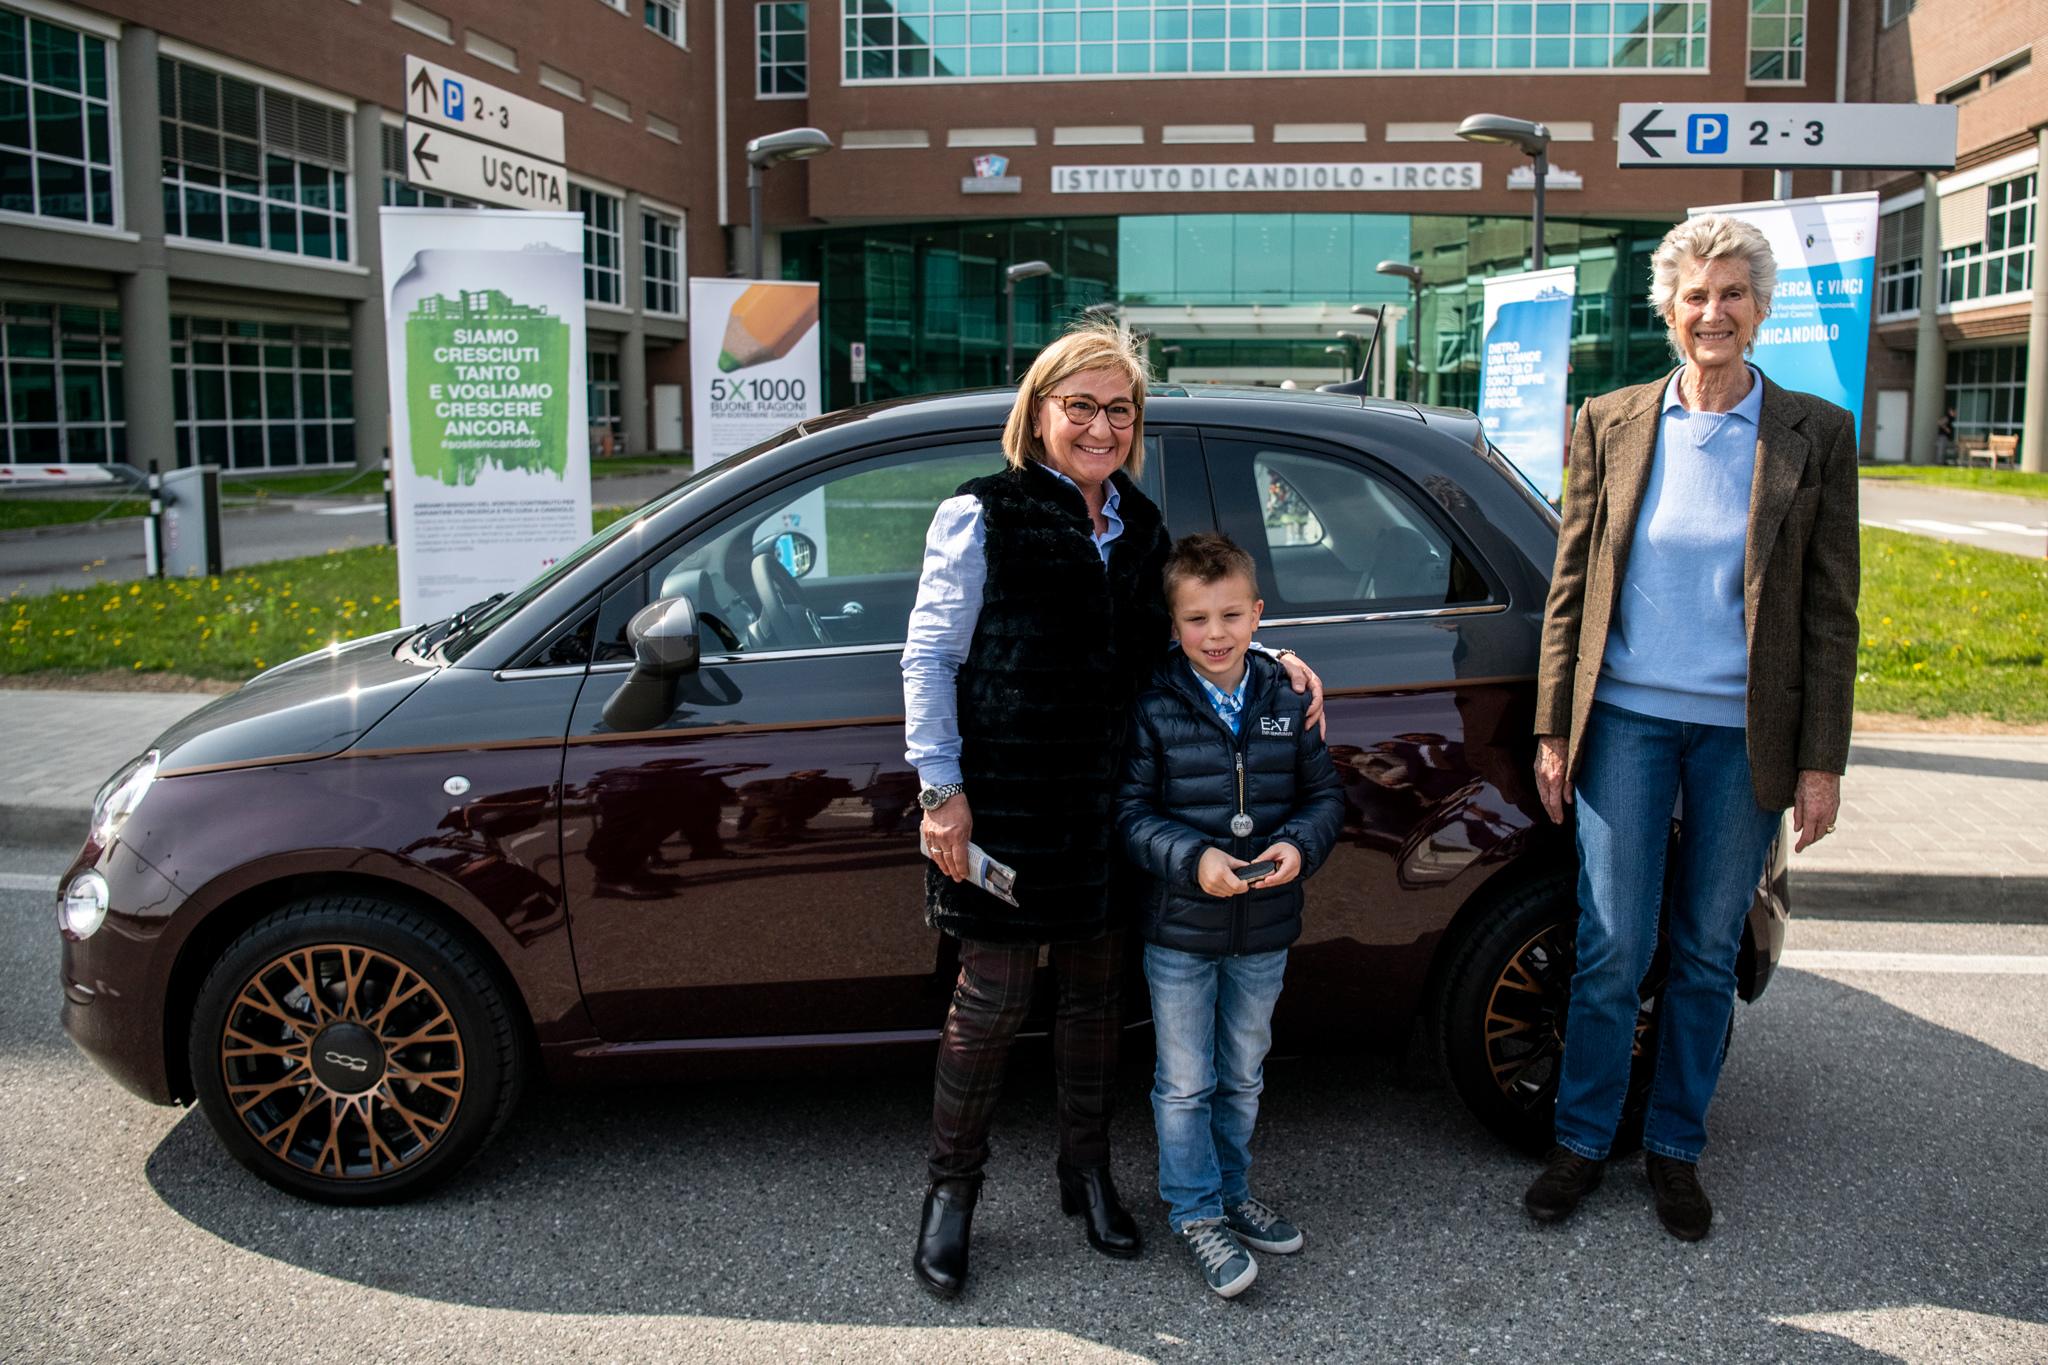 Consegnato a Candiolo il primo premio, una Fiat 500 Collezione